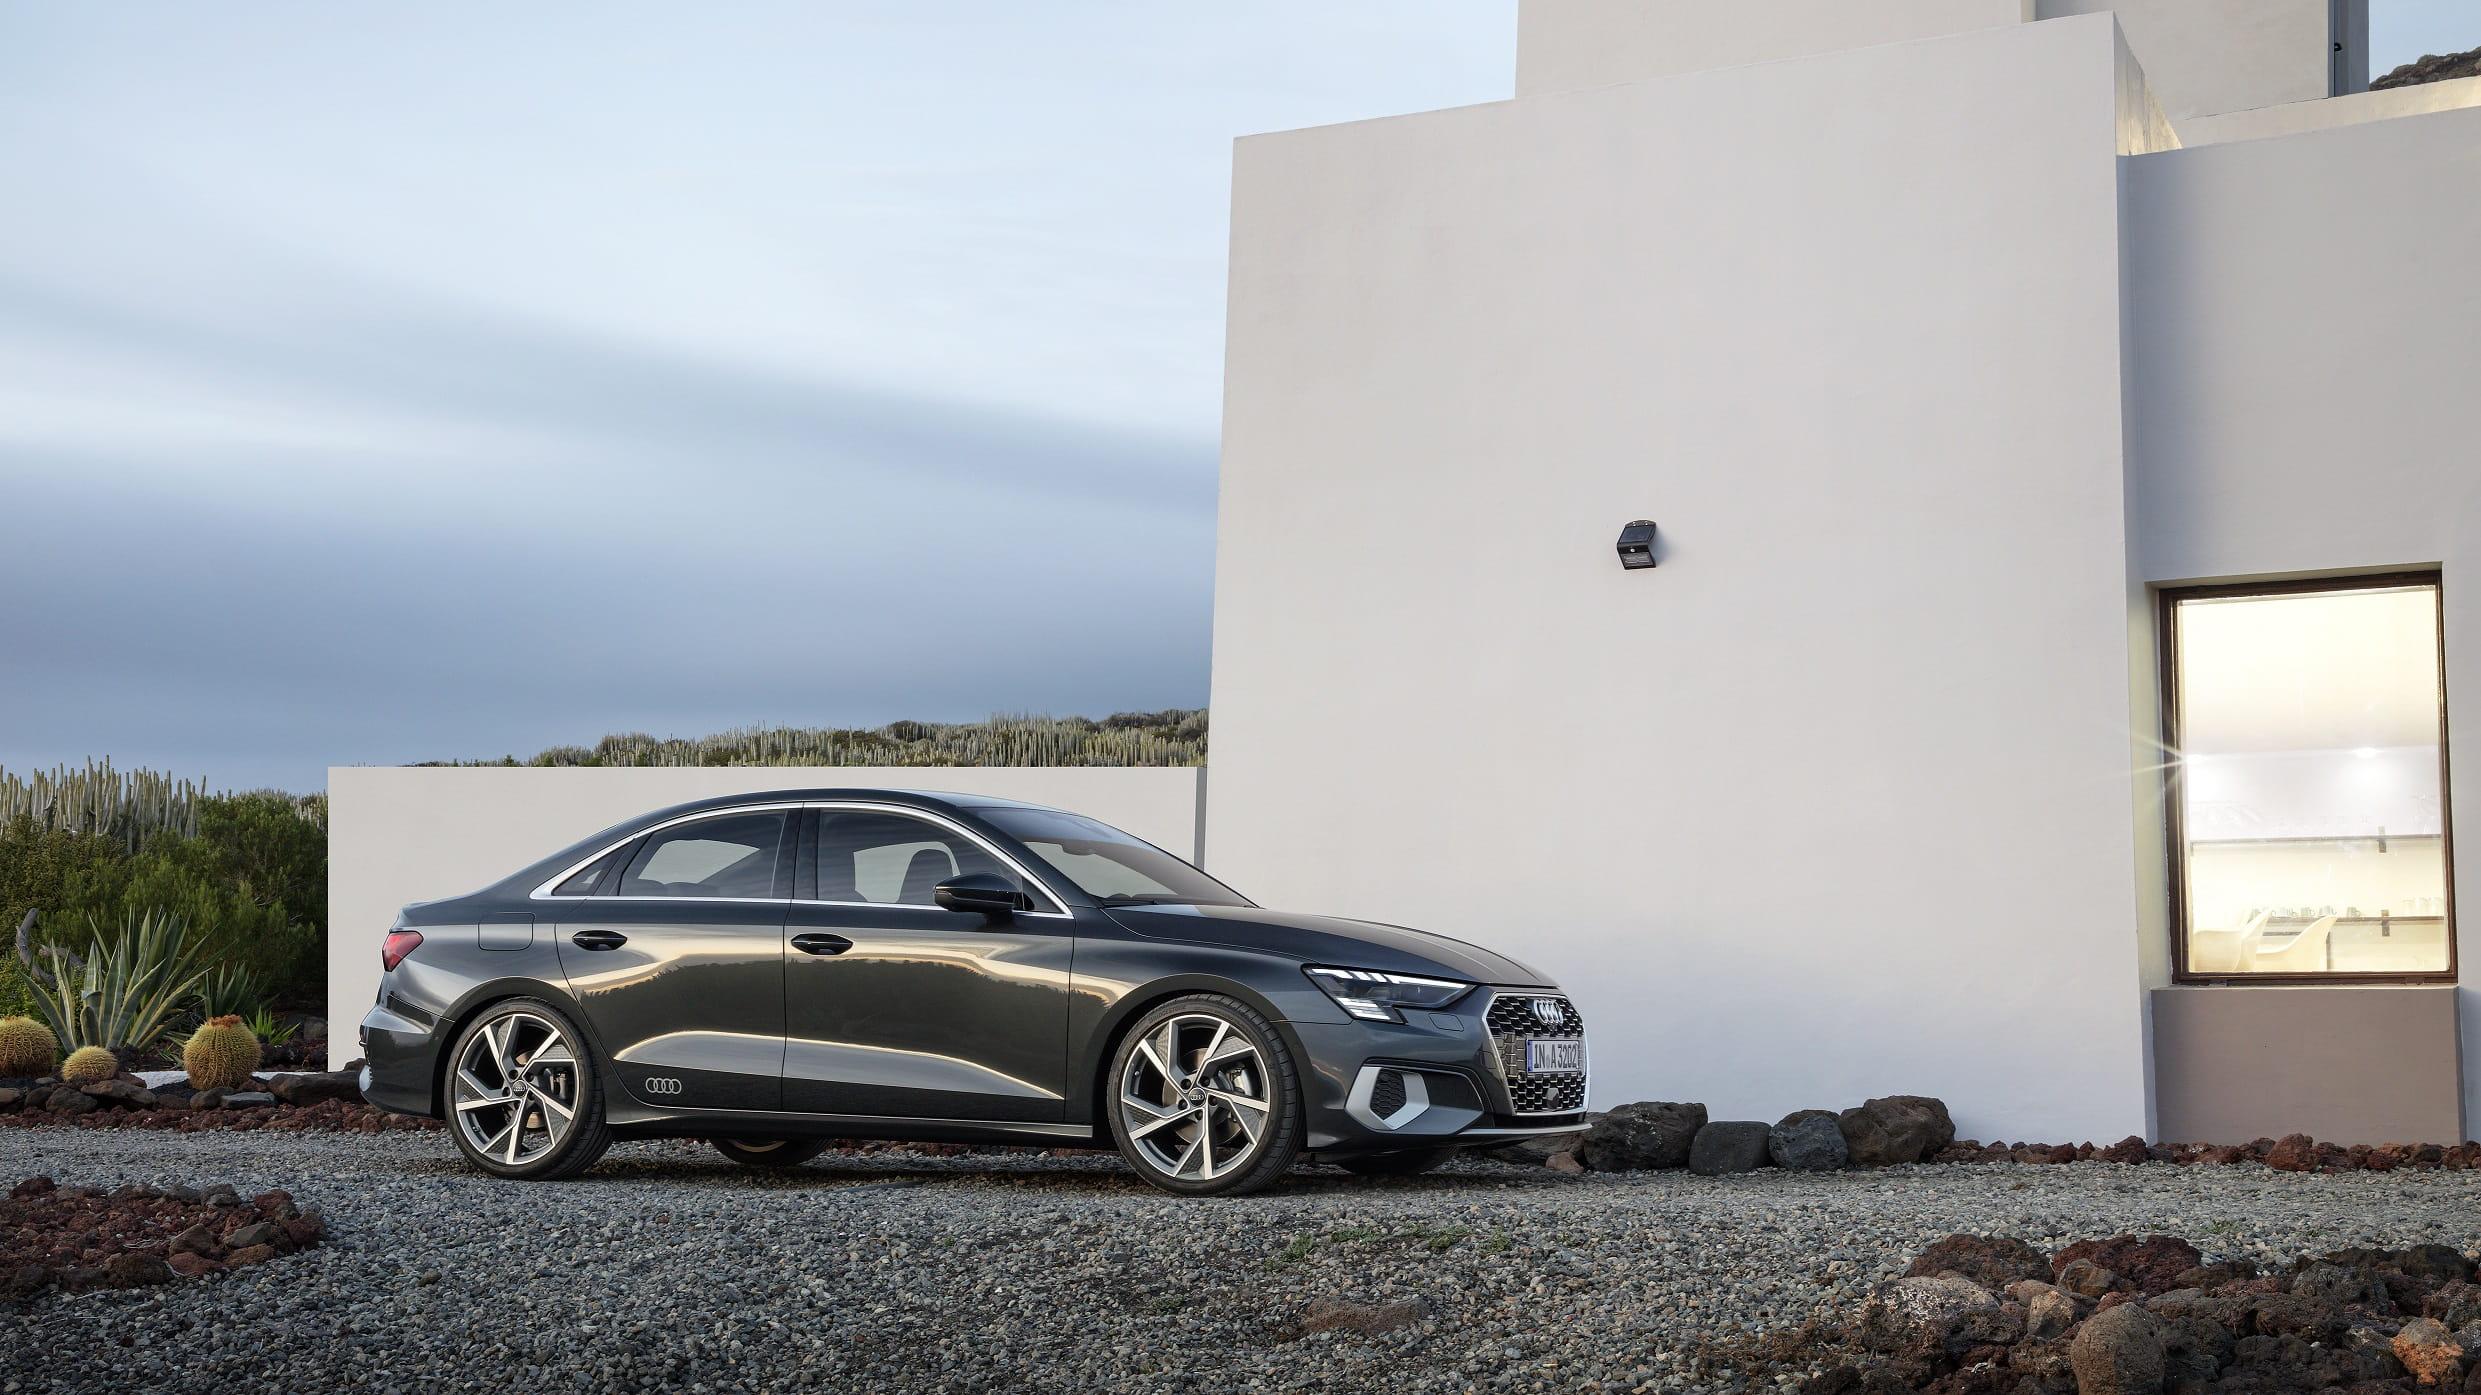 Νέο Audi A3 Sedan - Εξωτερικός σχεδιασμός